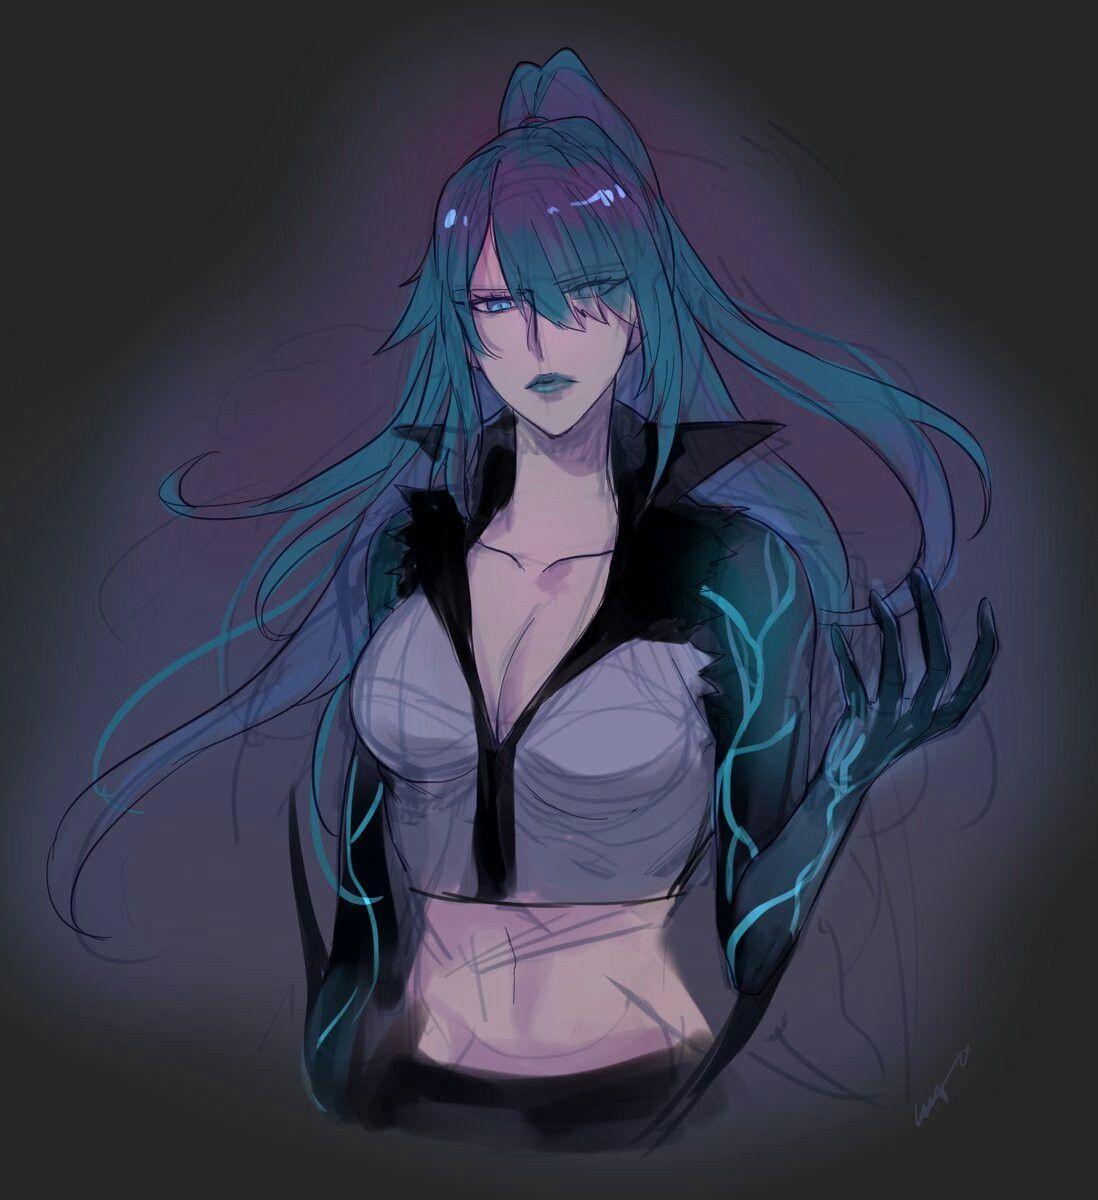 Female Anime Villains Anime Animewallpaper Female Villains Villain Character Anime